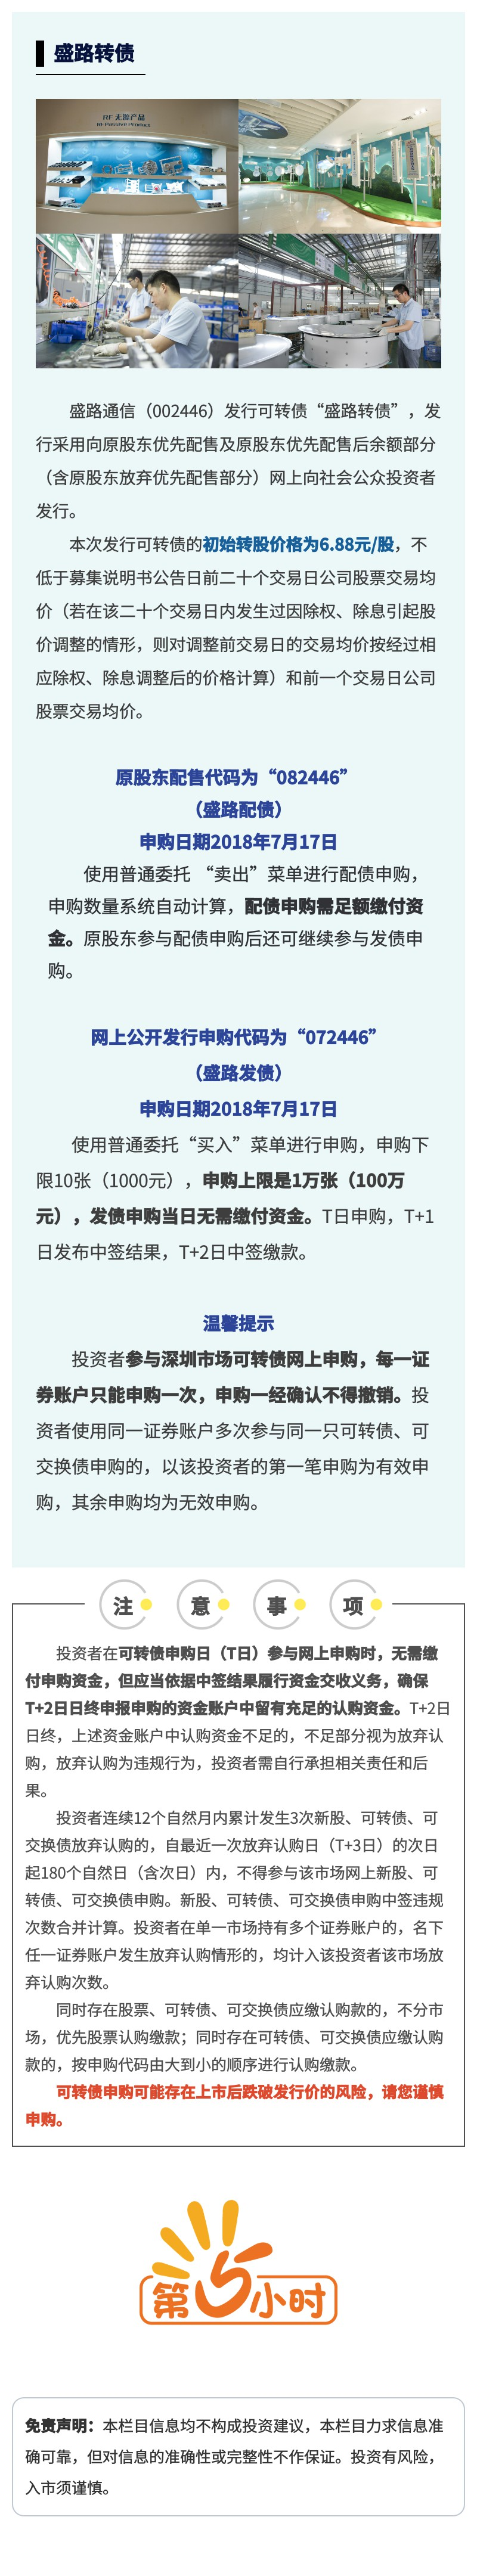 【新债申购】盛路通信(002446)公开发行可转换公司债.jpg